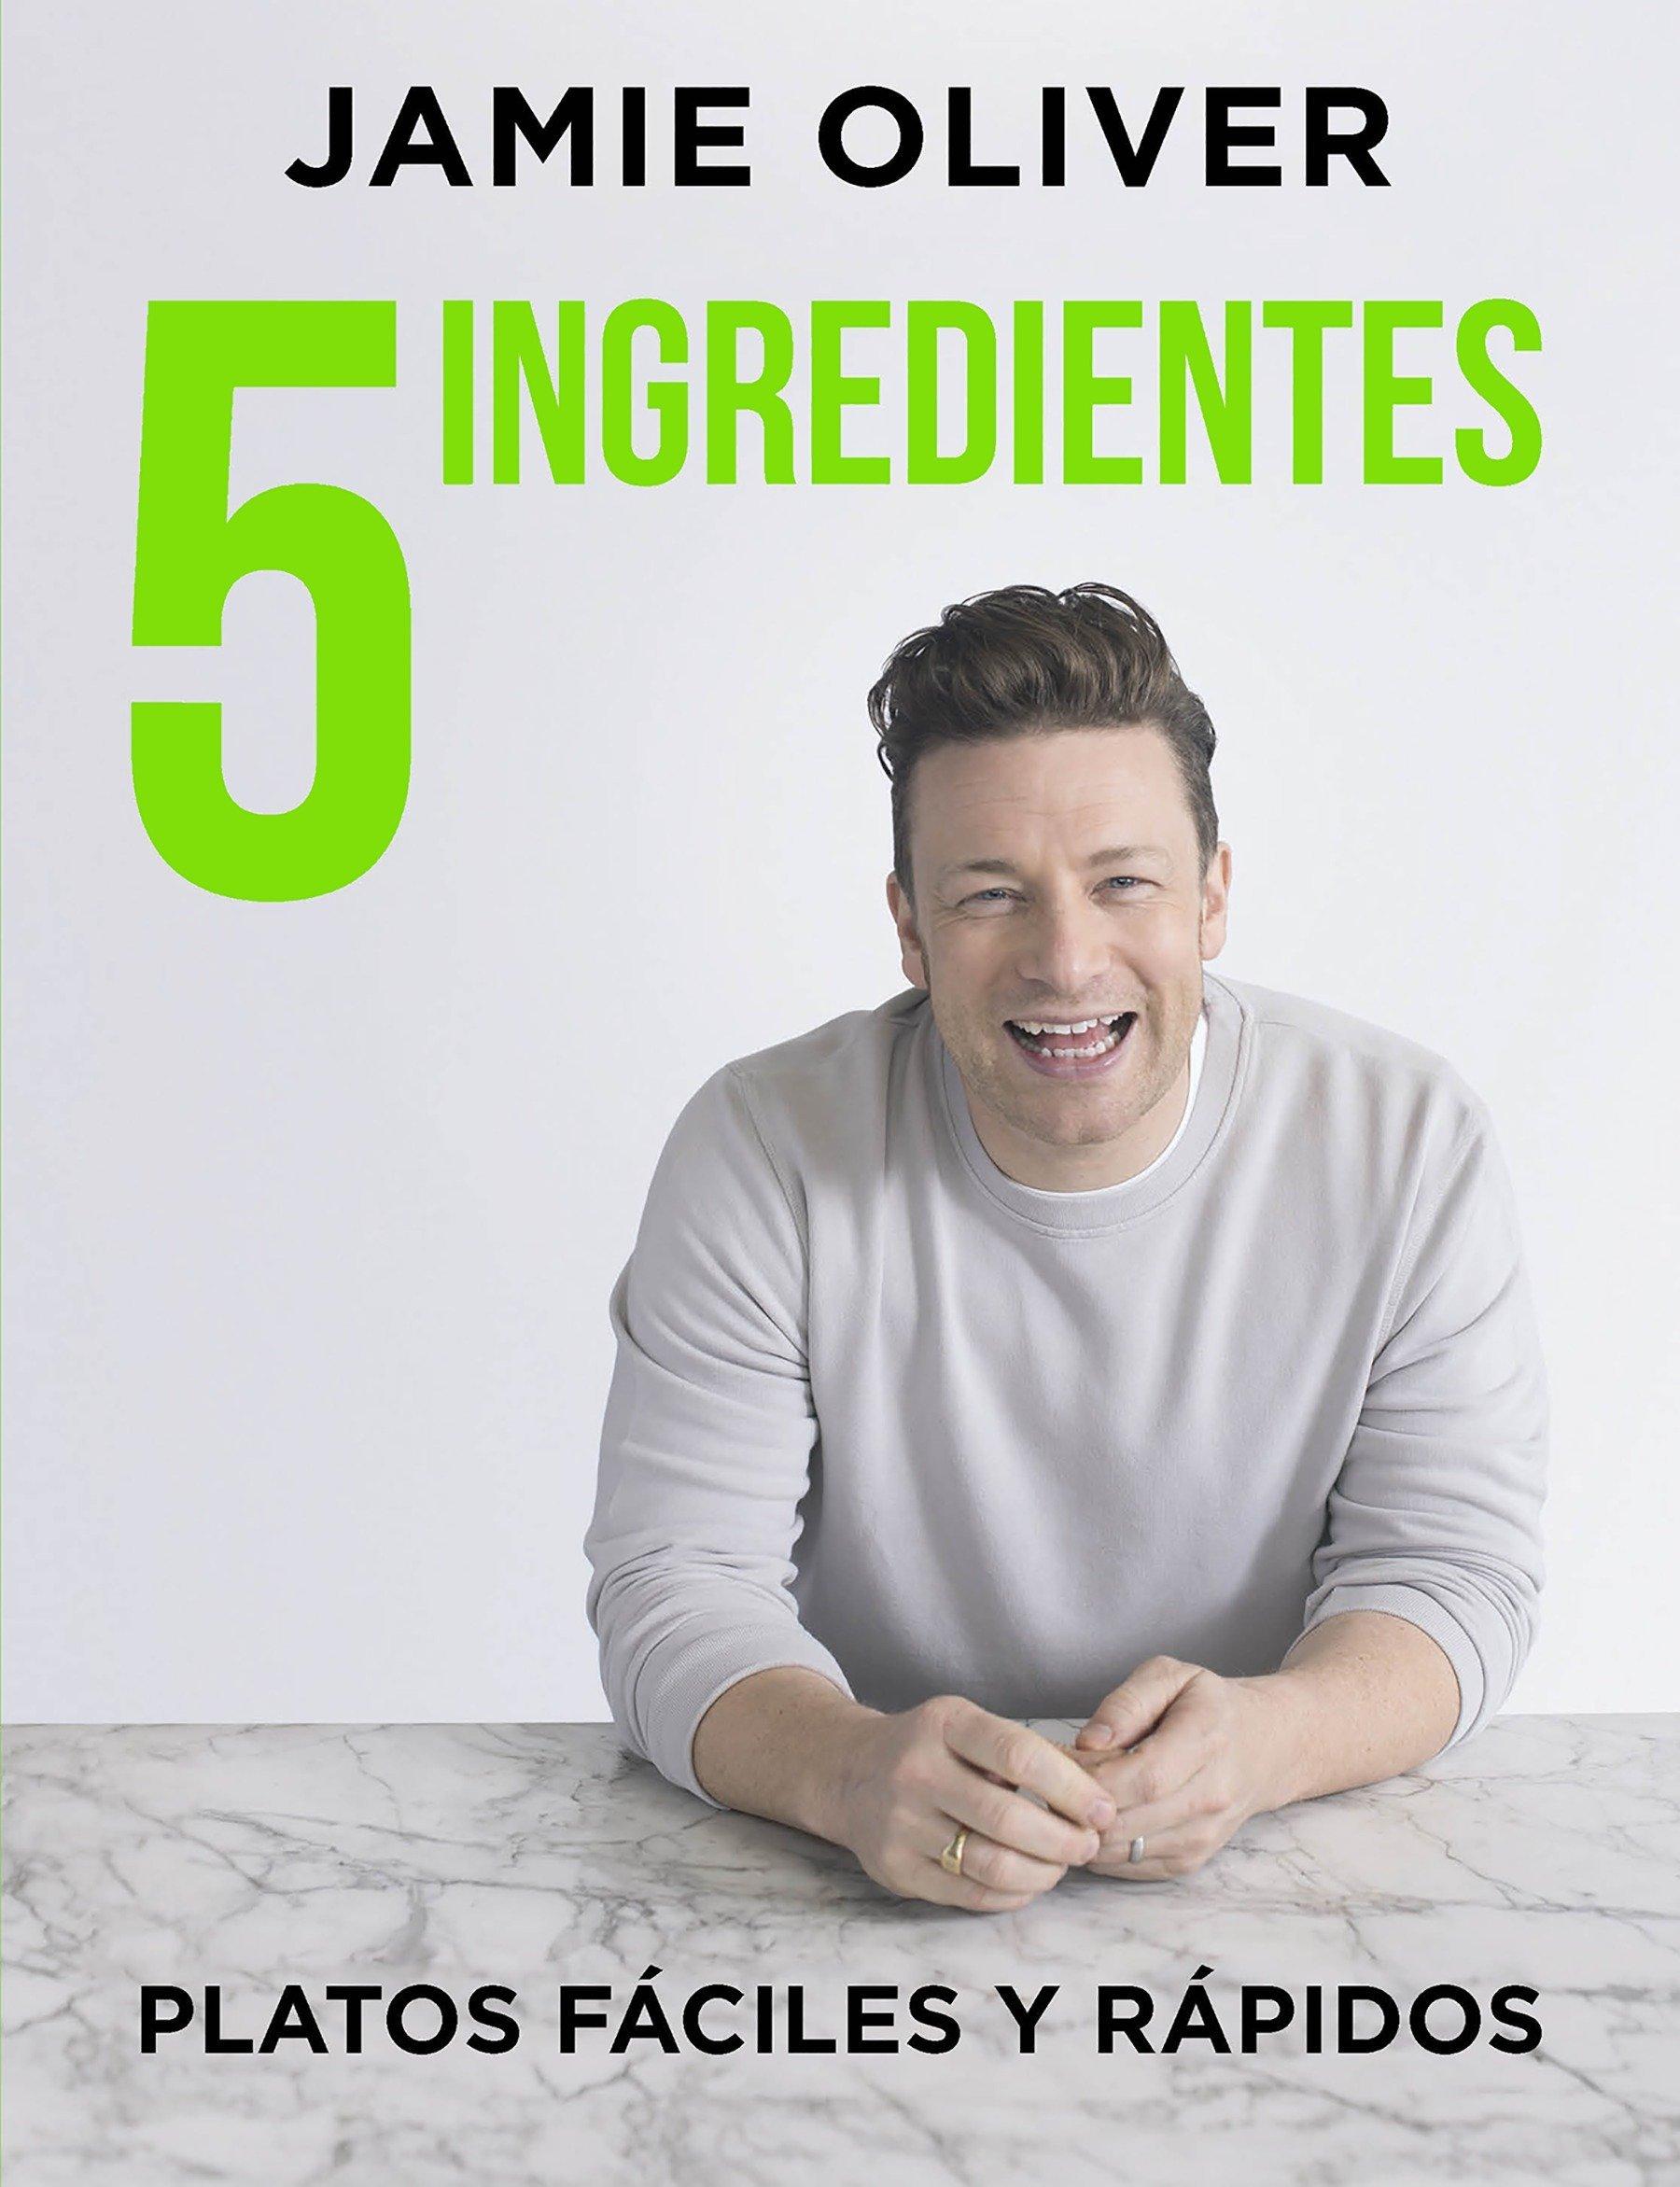 5 ingredientes Platos fáciles y rápidos / 5 Ingredients - Quick & Easy Food (Spanish Edition) pdf epub